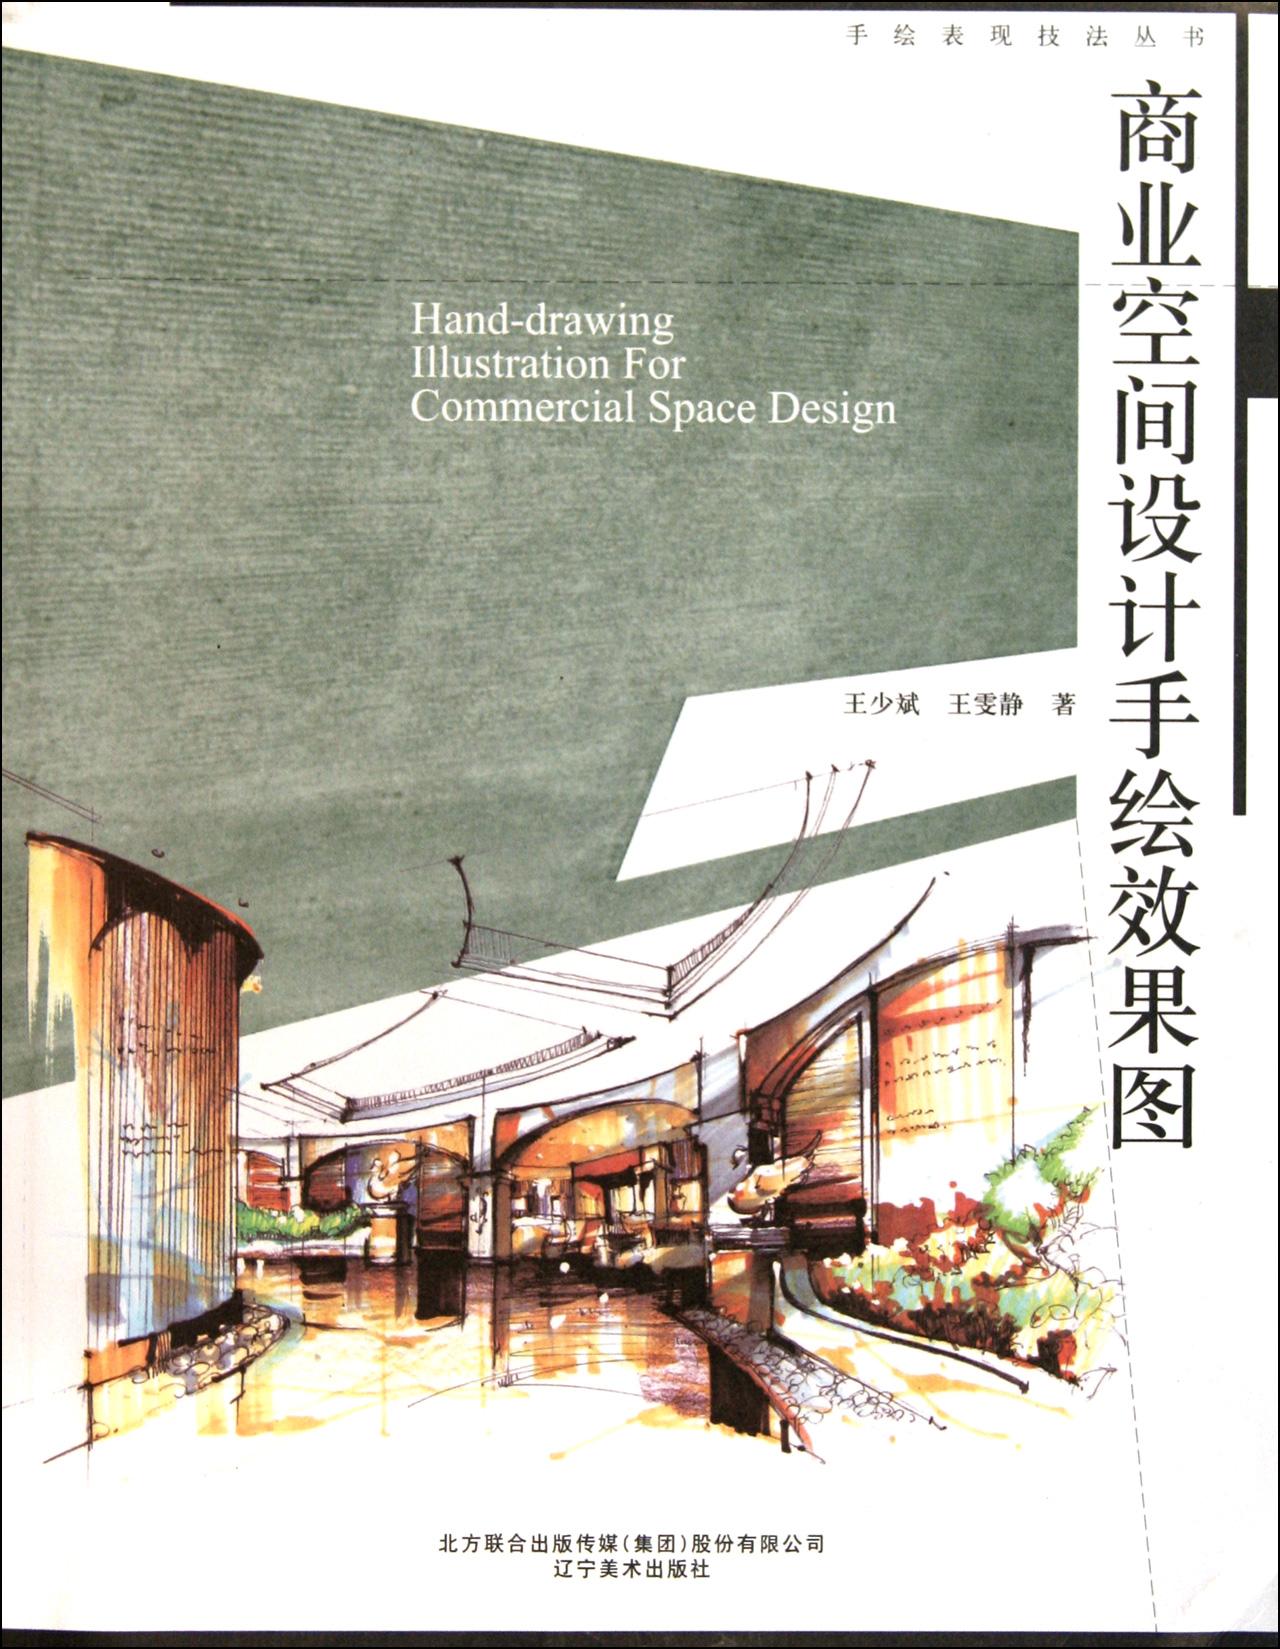 商业空间设计手绘效果图